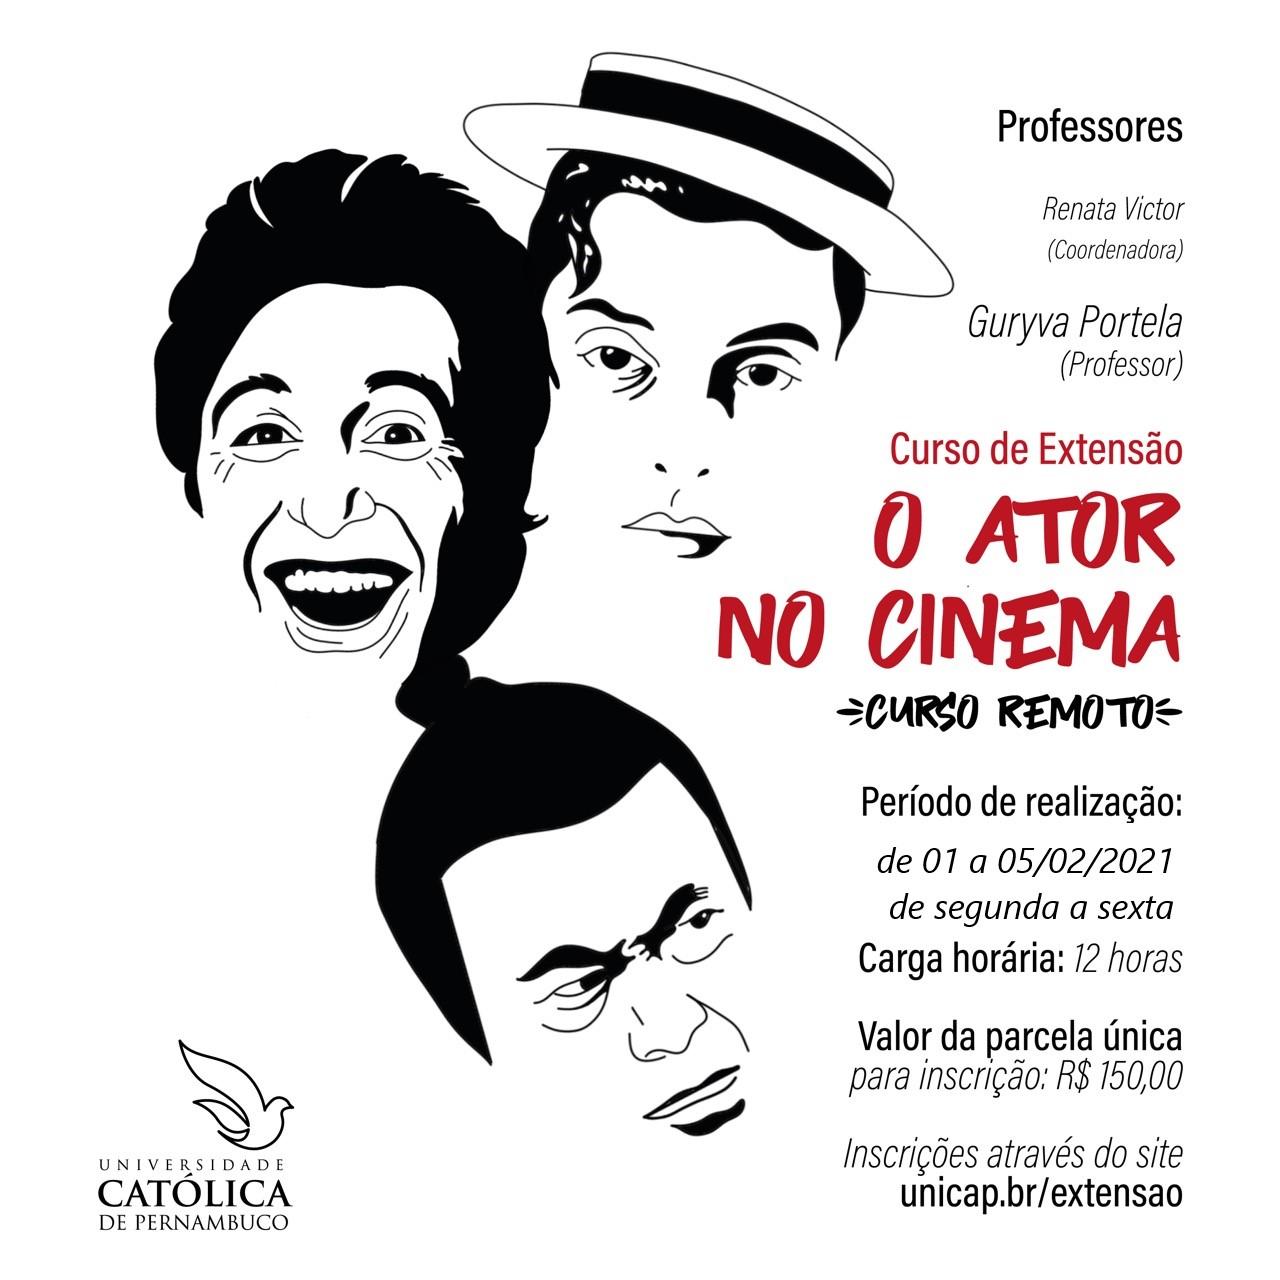 O ATOR NO CINEMA – (Curso remoto)